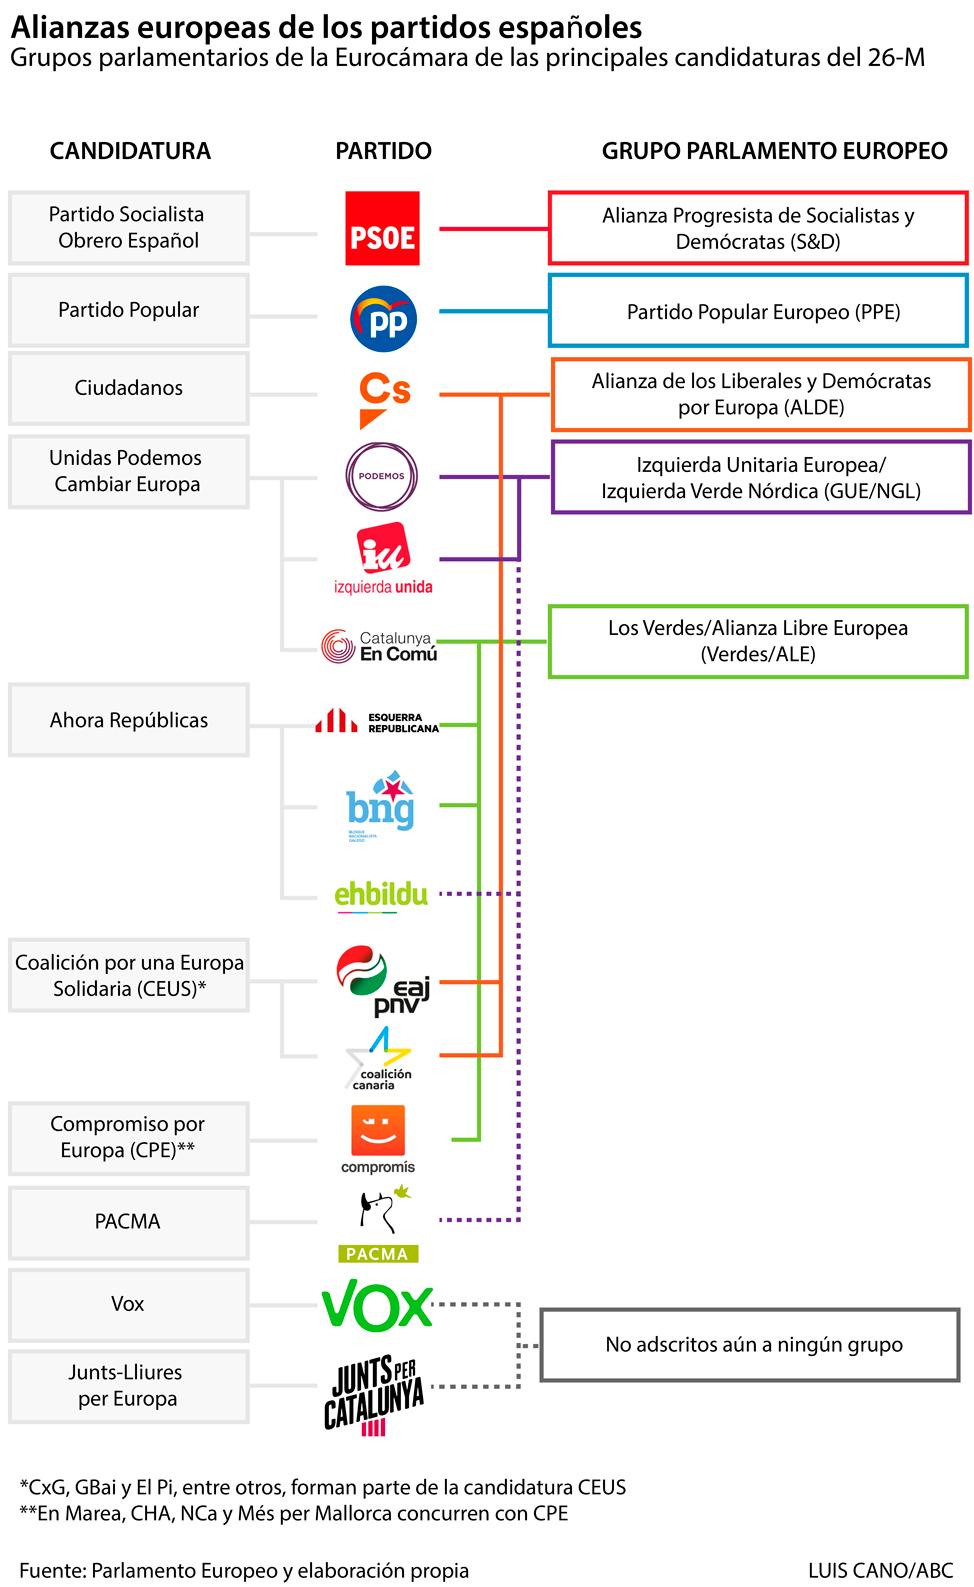 Alianzas europeas a la que pertenecen los partidos españoles